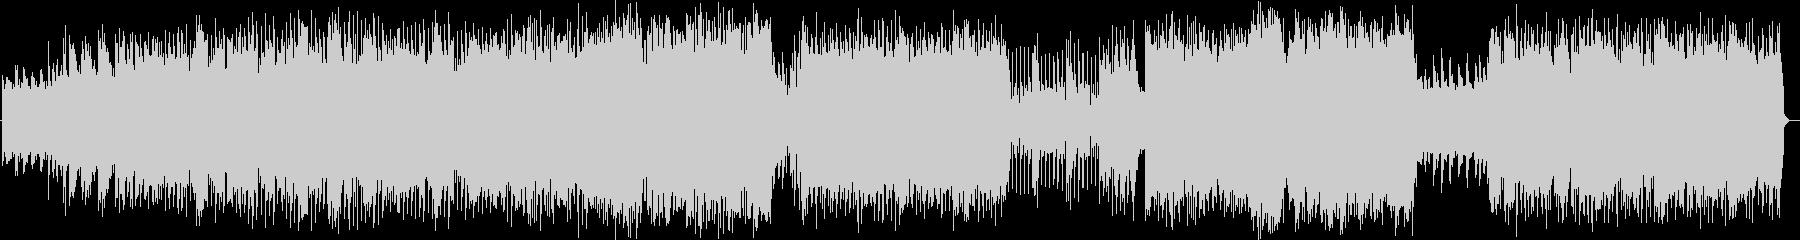 ダークなテーマのオルタナ風ロックの未再生の波形